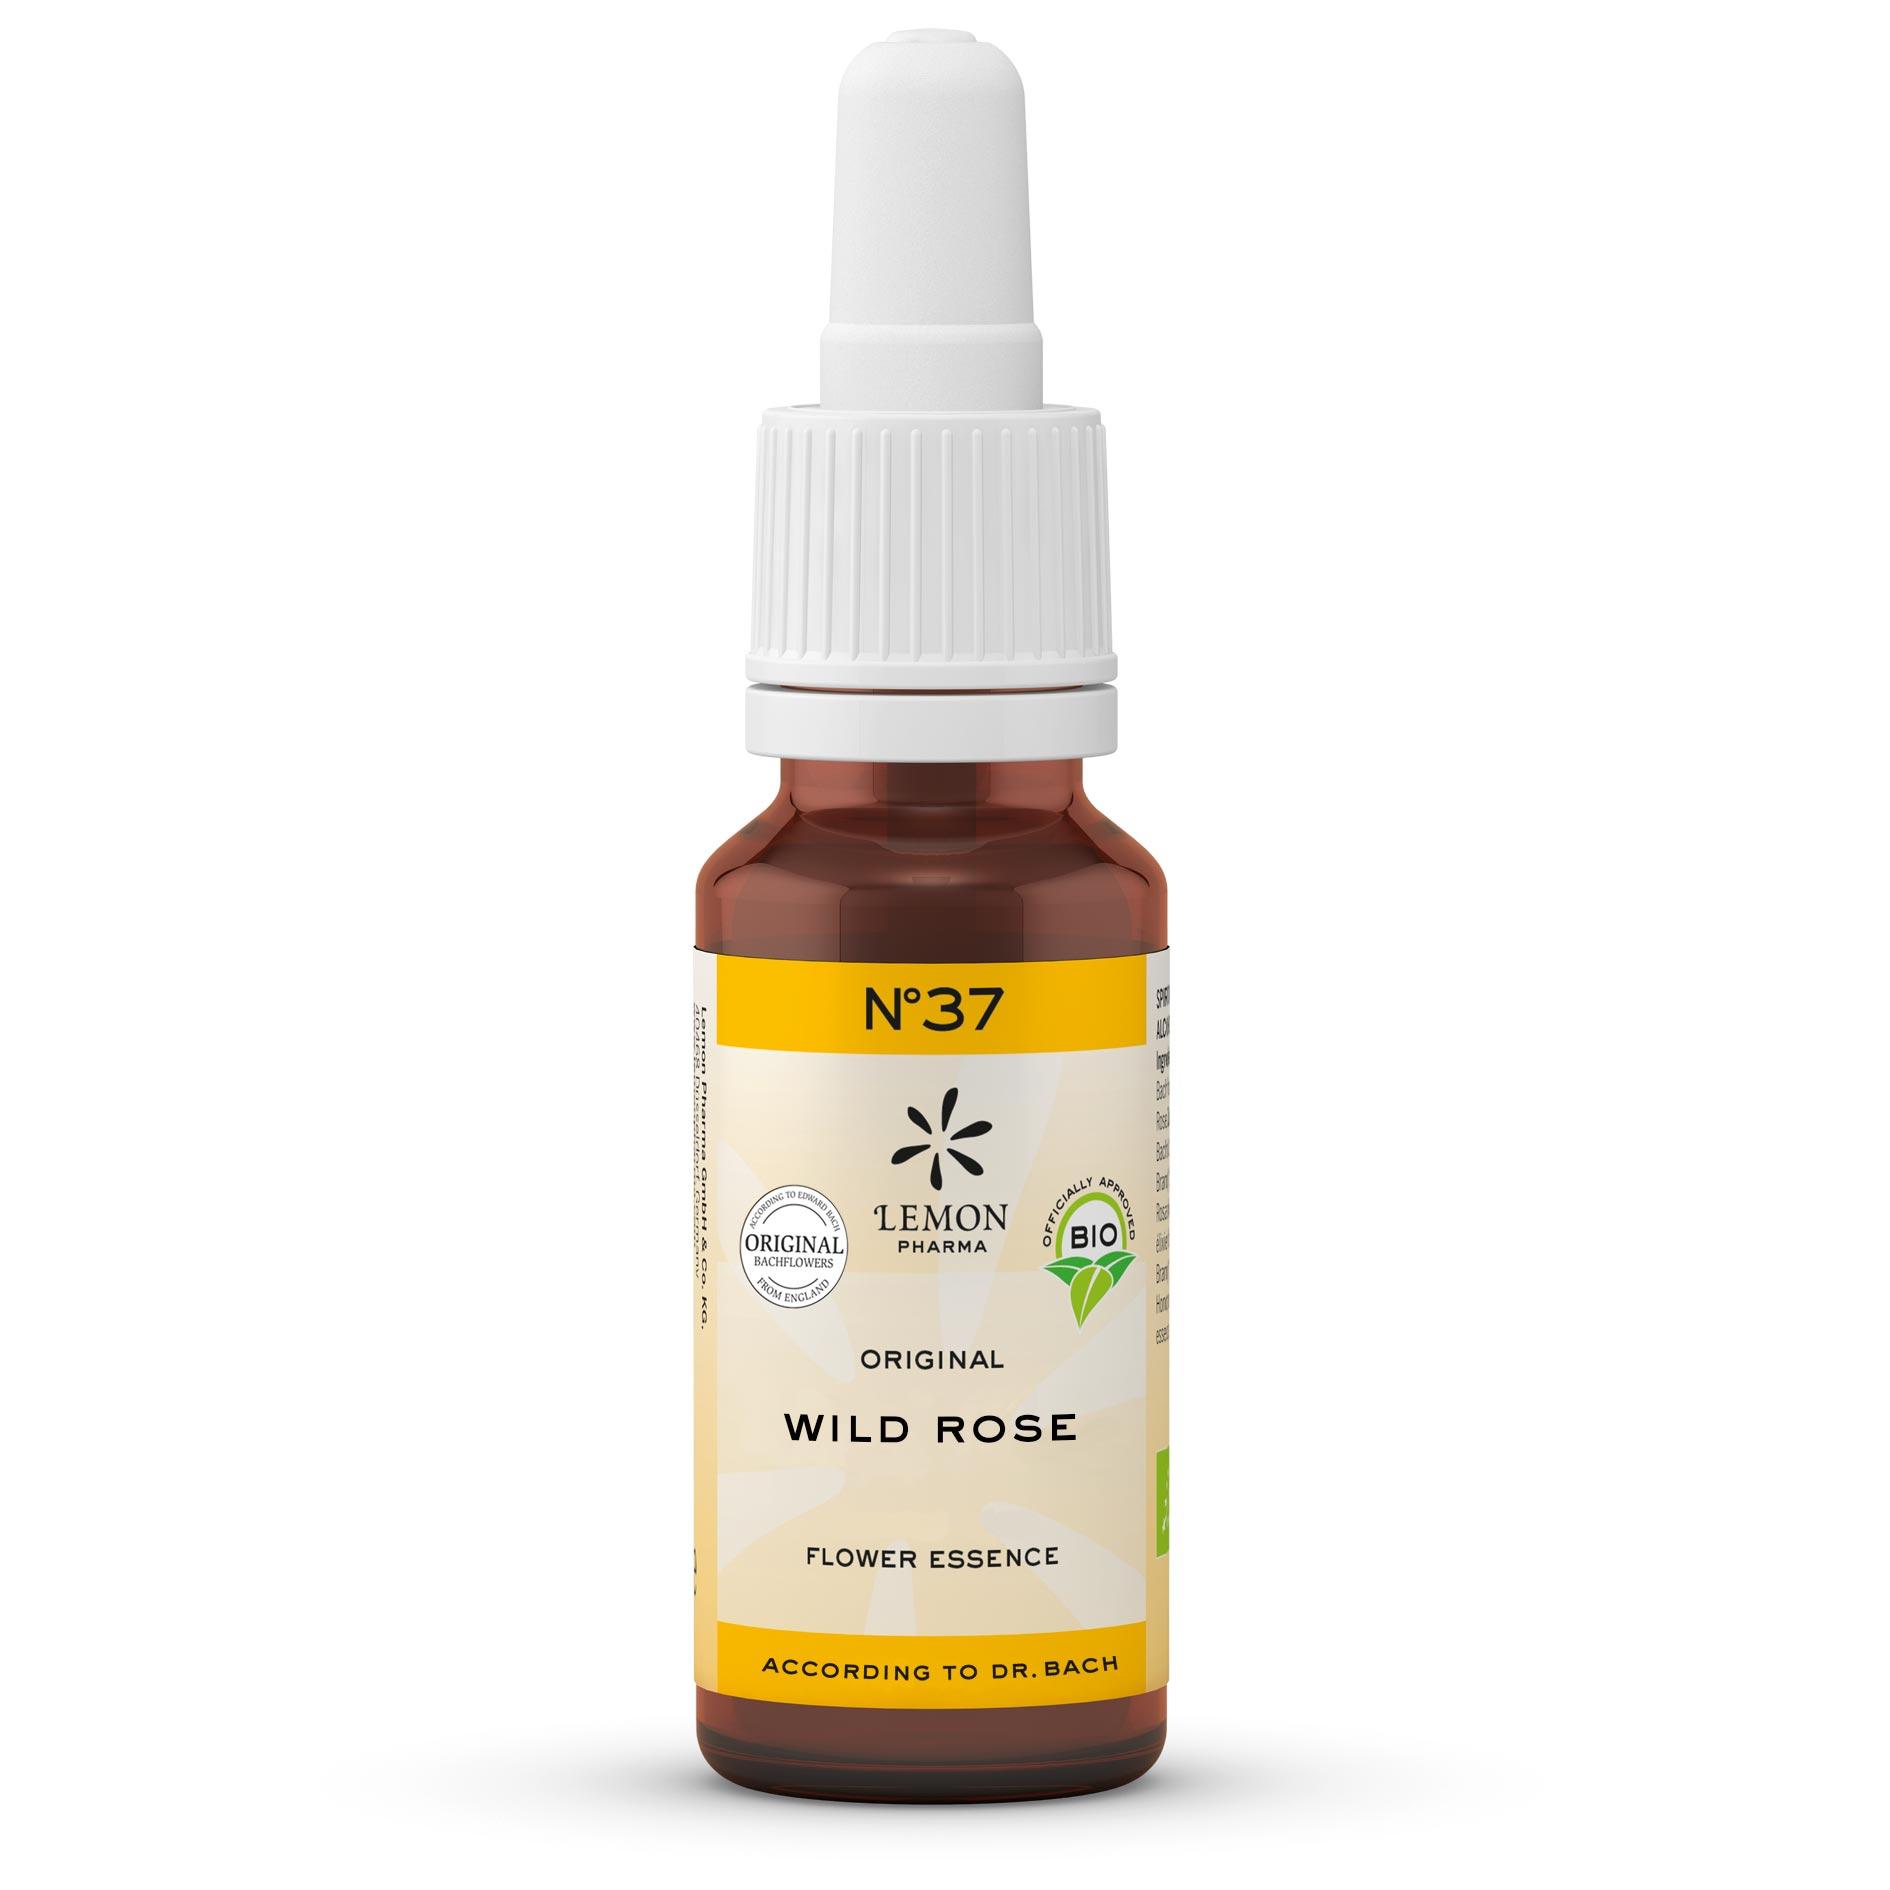 Gotas Flores de Bach Lemon Pharma Original Nº 37 Wild Rose Rosa Silvestre Alegría Vital